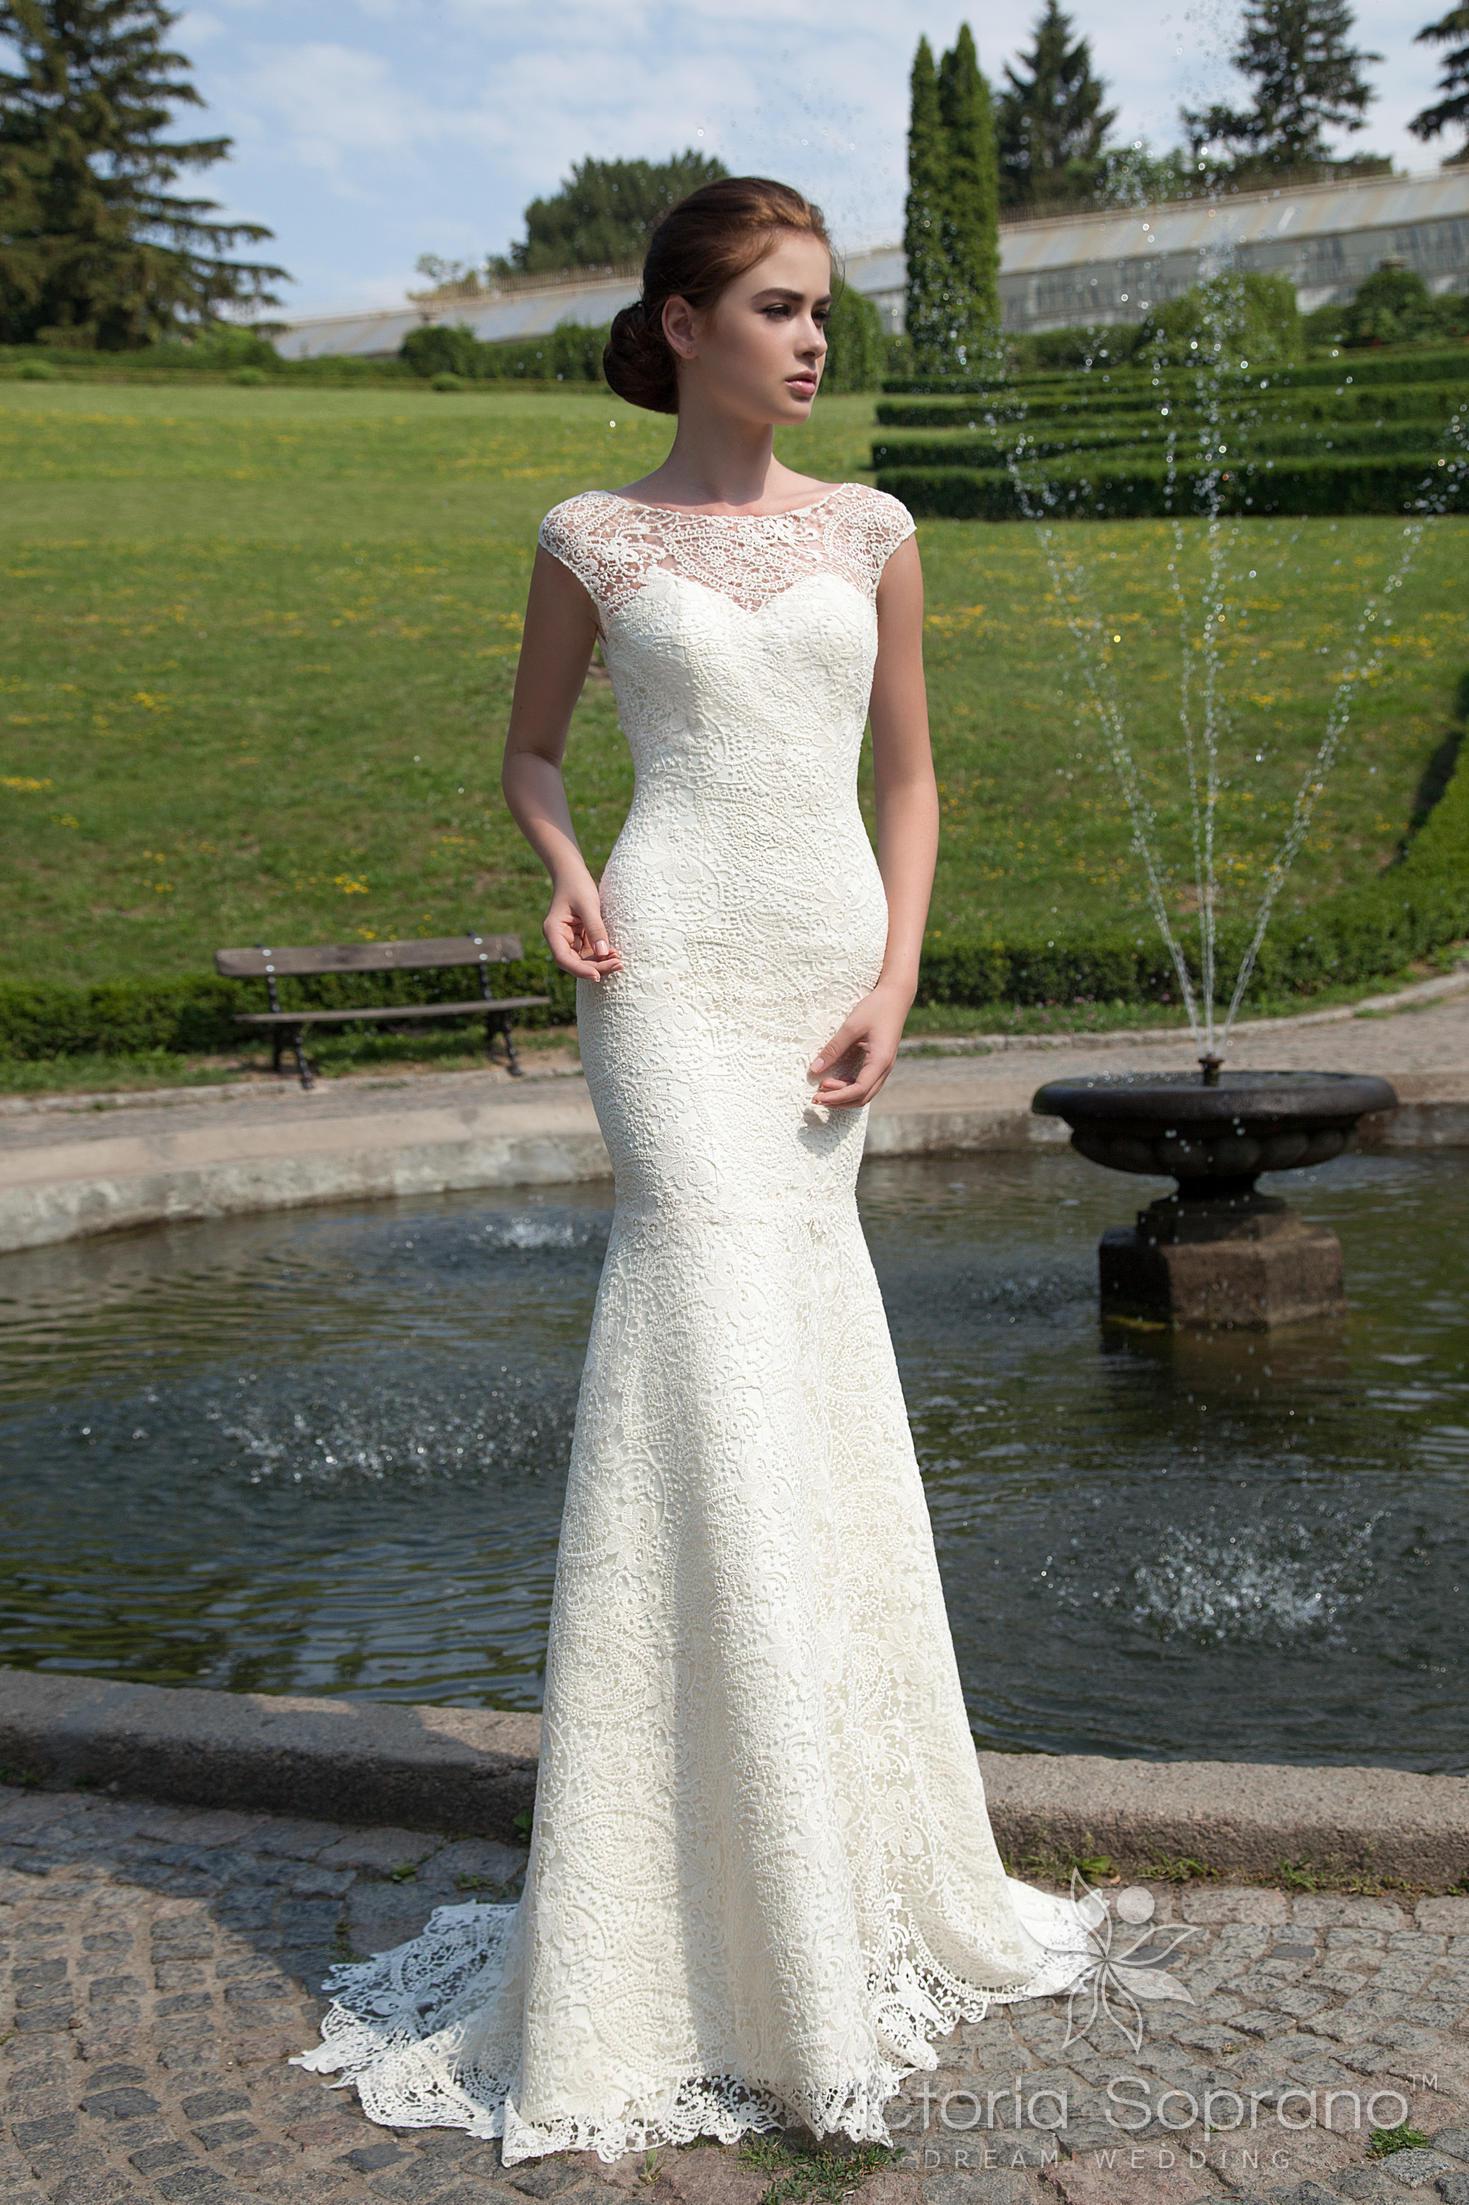 8e5a94a4e84 Ажурное свадебное платье с силуэтом «рыбка» и глубоким V-образным вырезом  сзади.